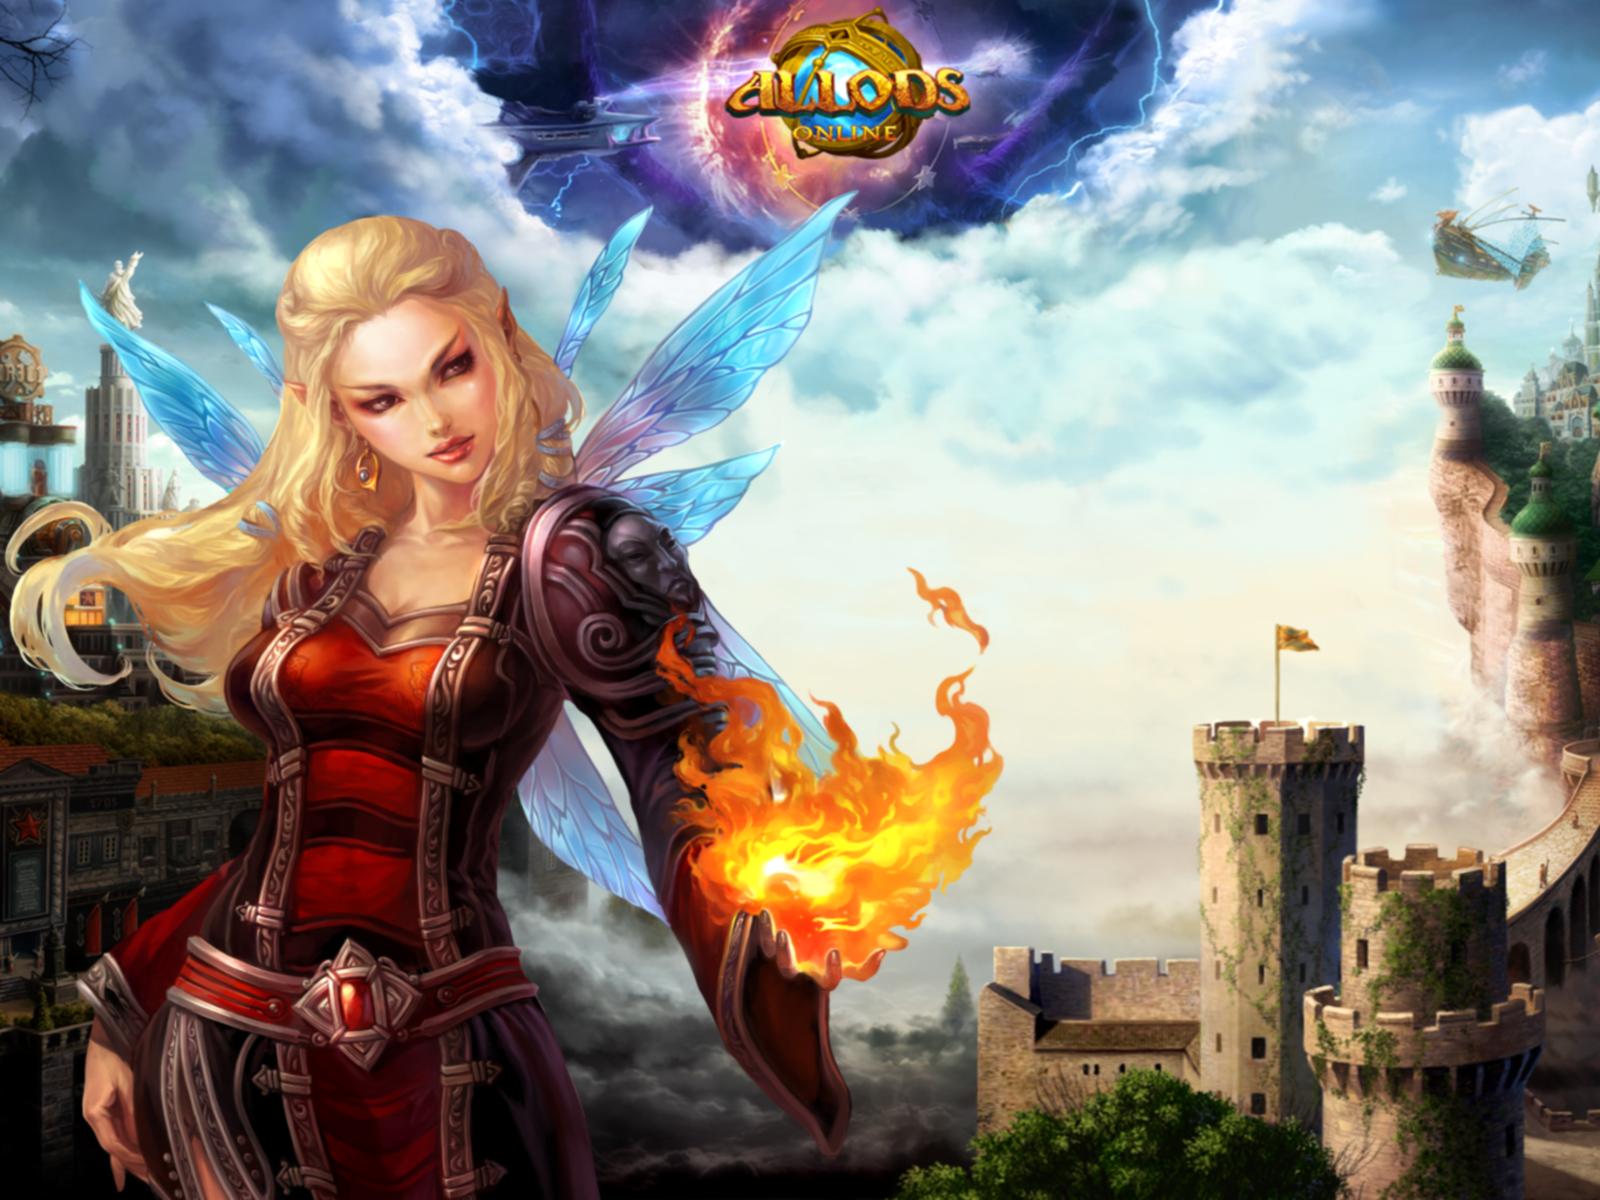 jeux gratuits en ligne avec inscription et telechargement 2014